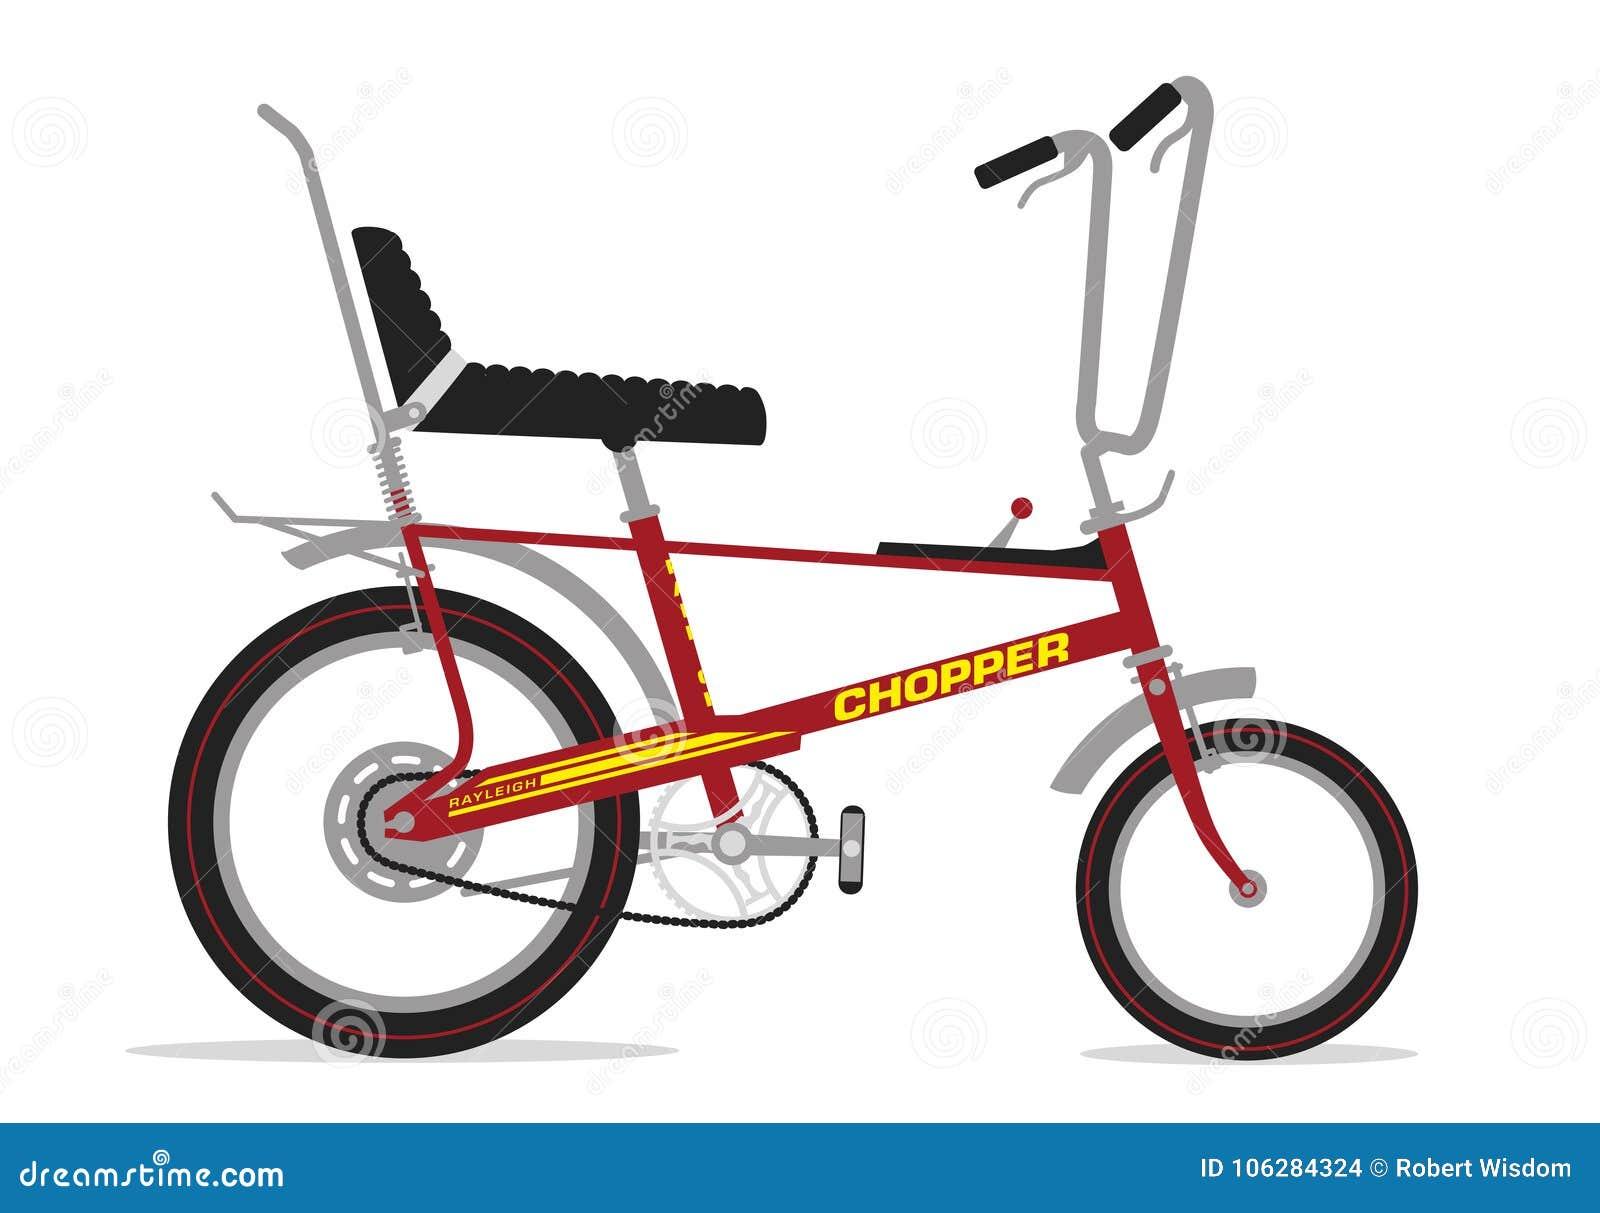 Raleigh Chopper Bike stock illustration  Illustration of 1974